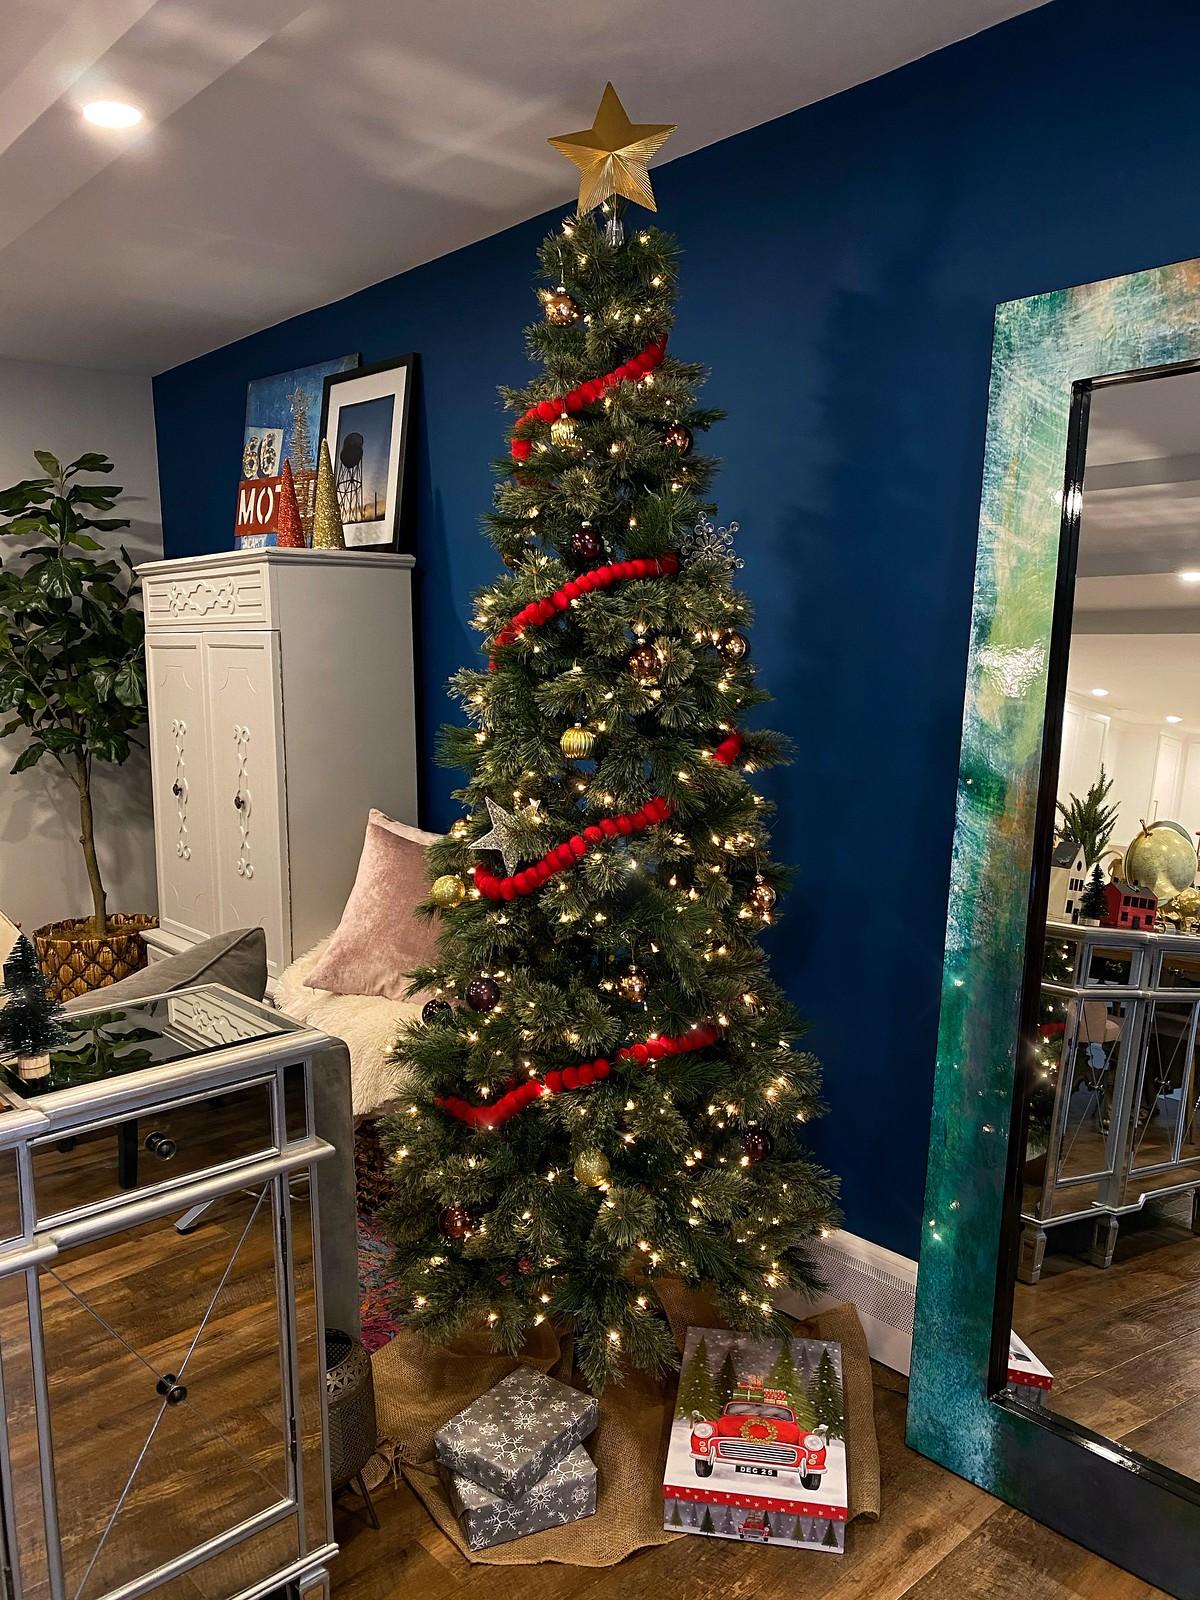 Target 7.5ft Pre-lit Artificial Christmas Tree Slim Virginia Pine Clear Lights - Wondershop